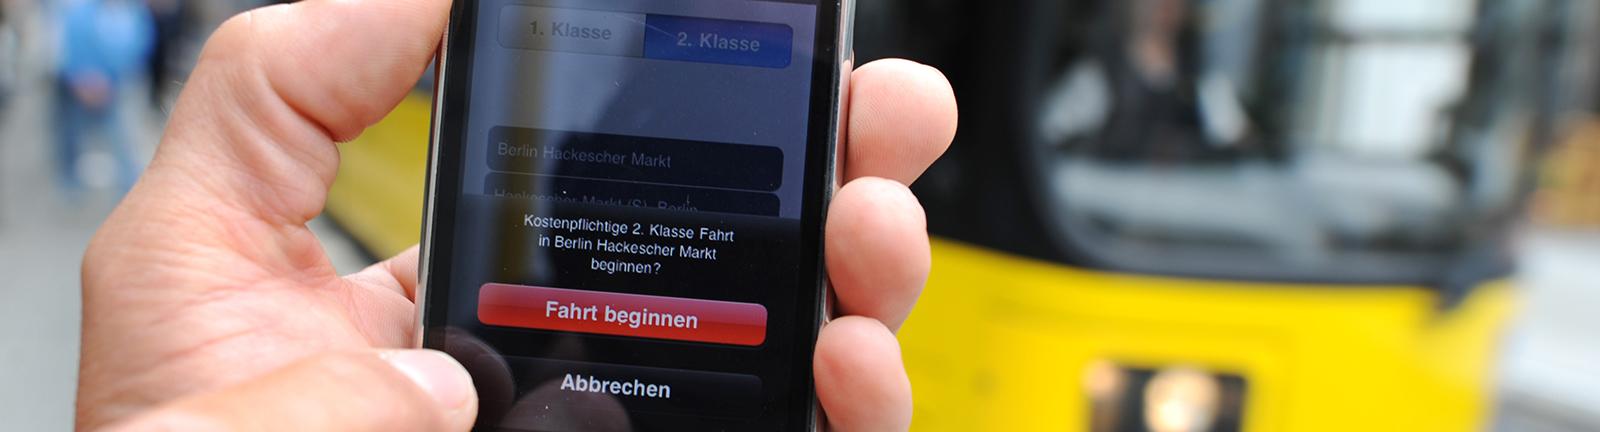 Ein Fahrgast bucht über eine Ticket-App eine Fahrkarte.